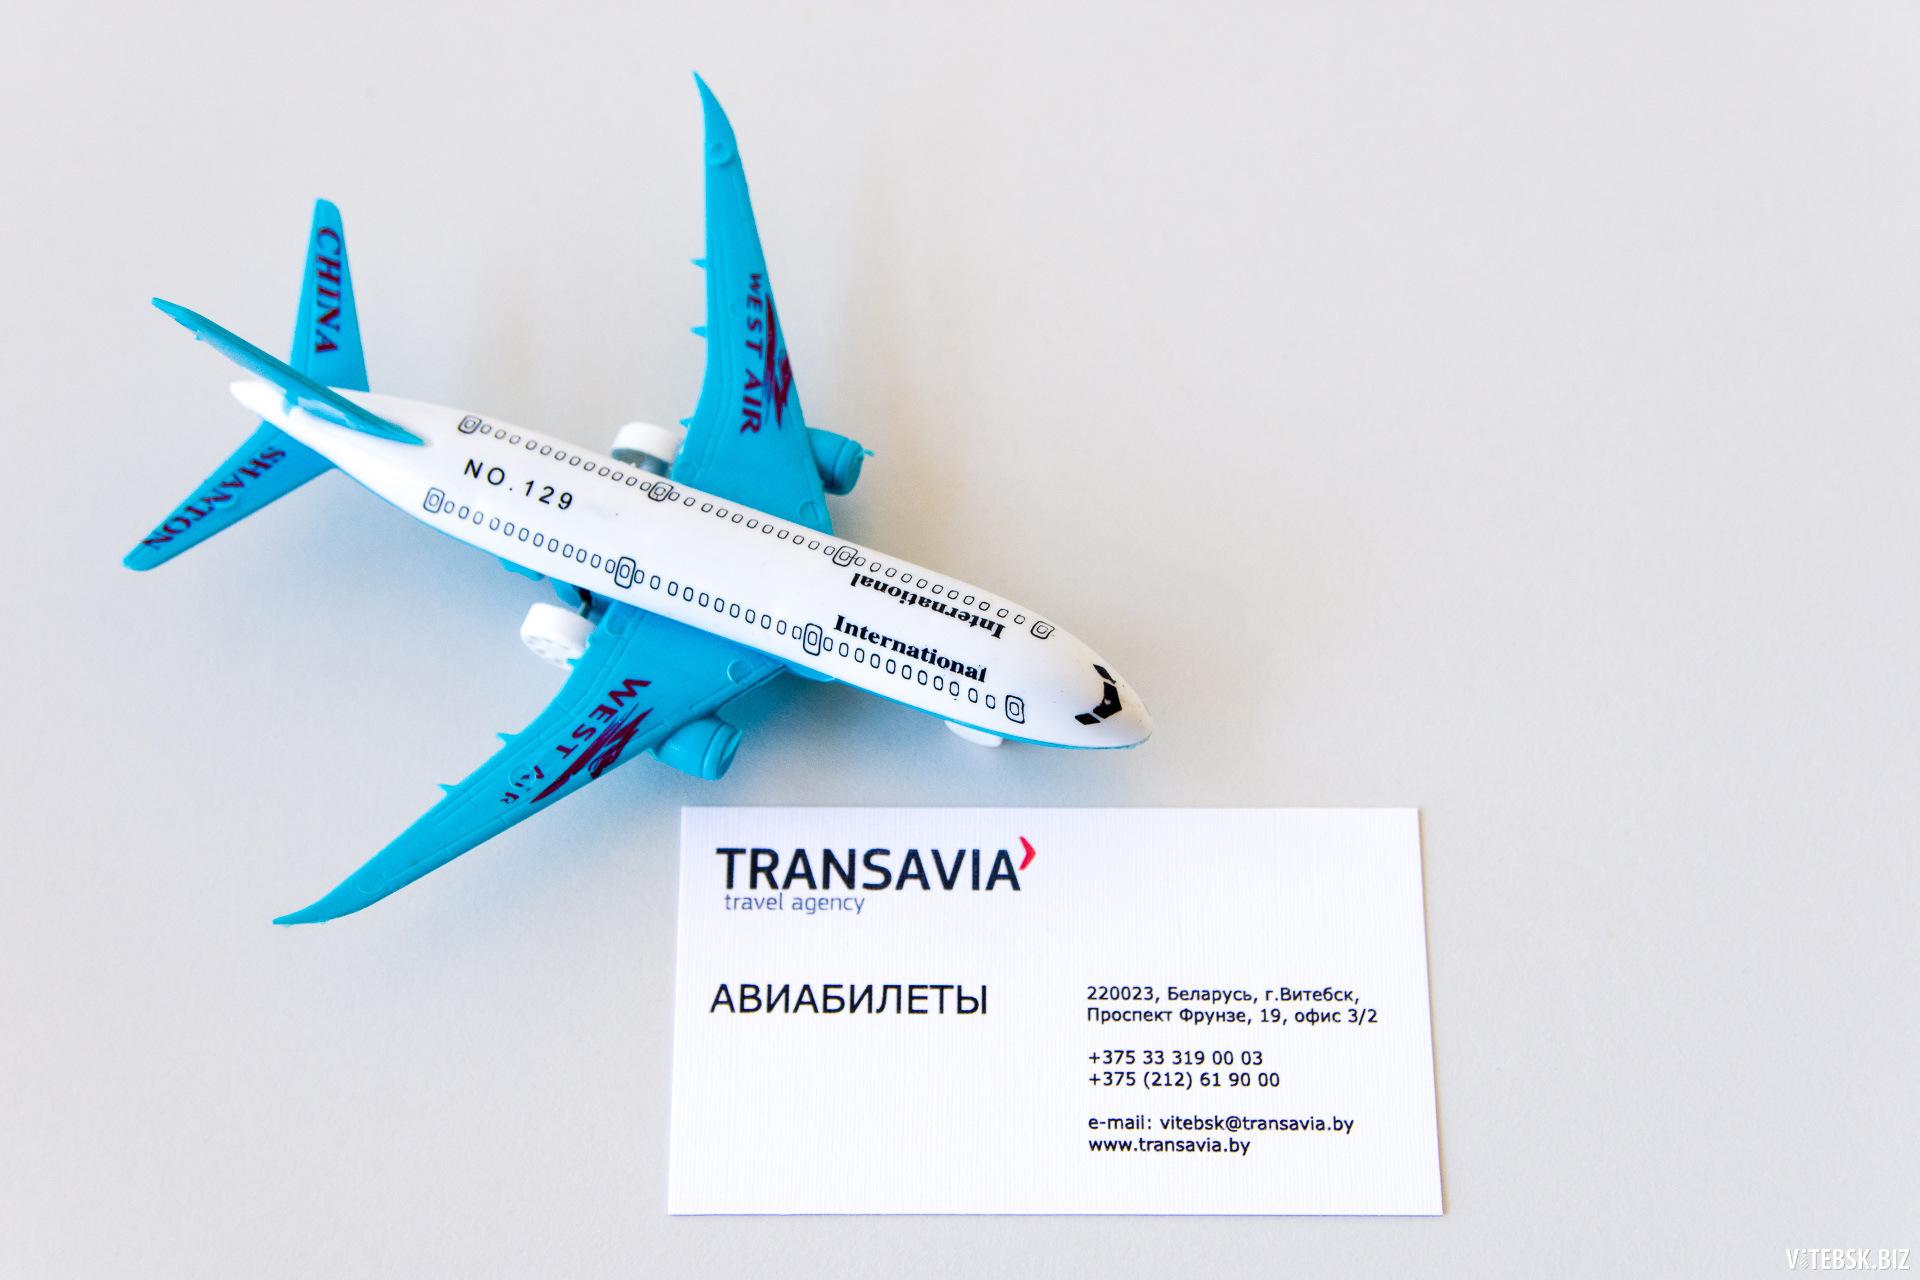 Аэрофлот транс агенство покупка авиа билетов